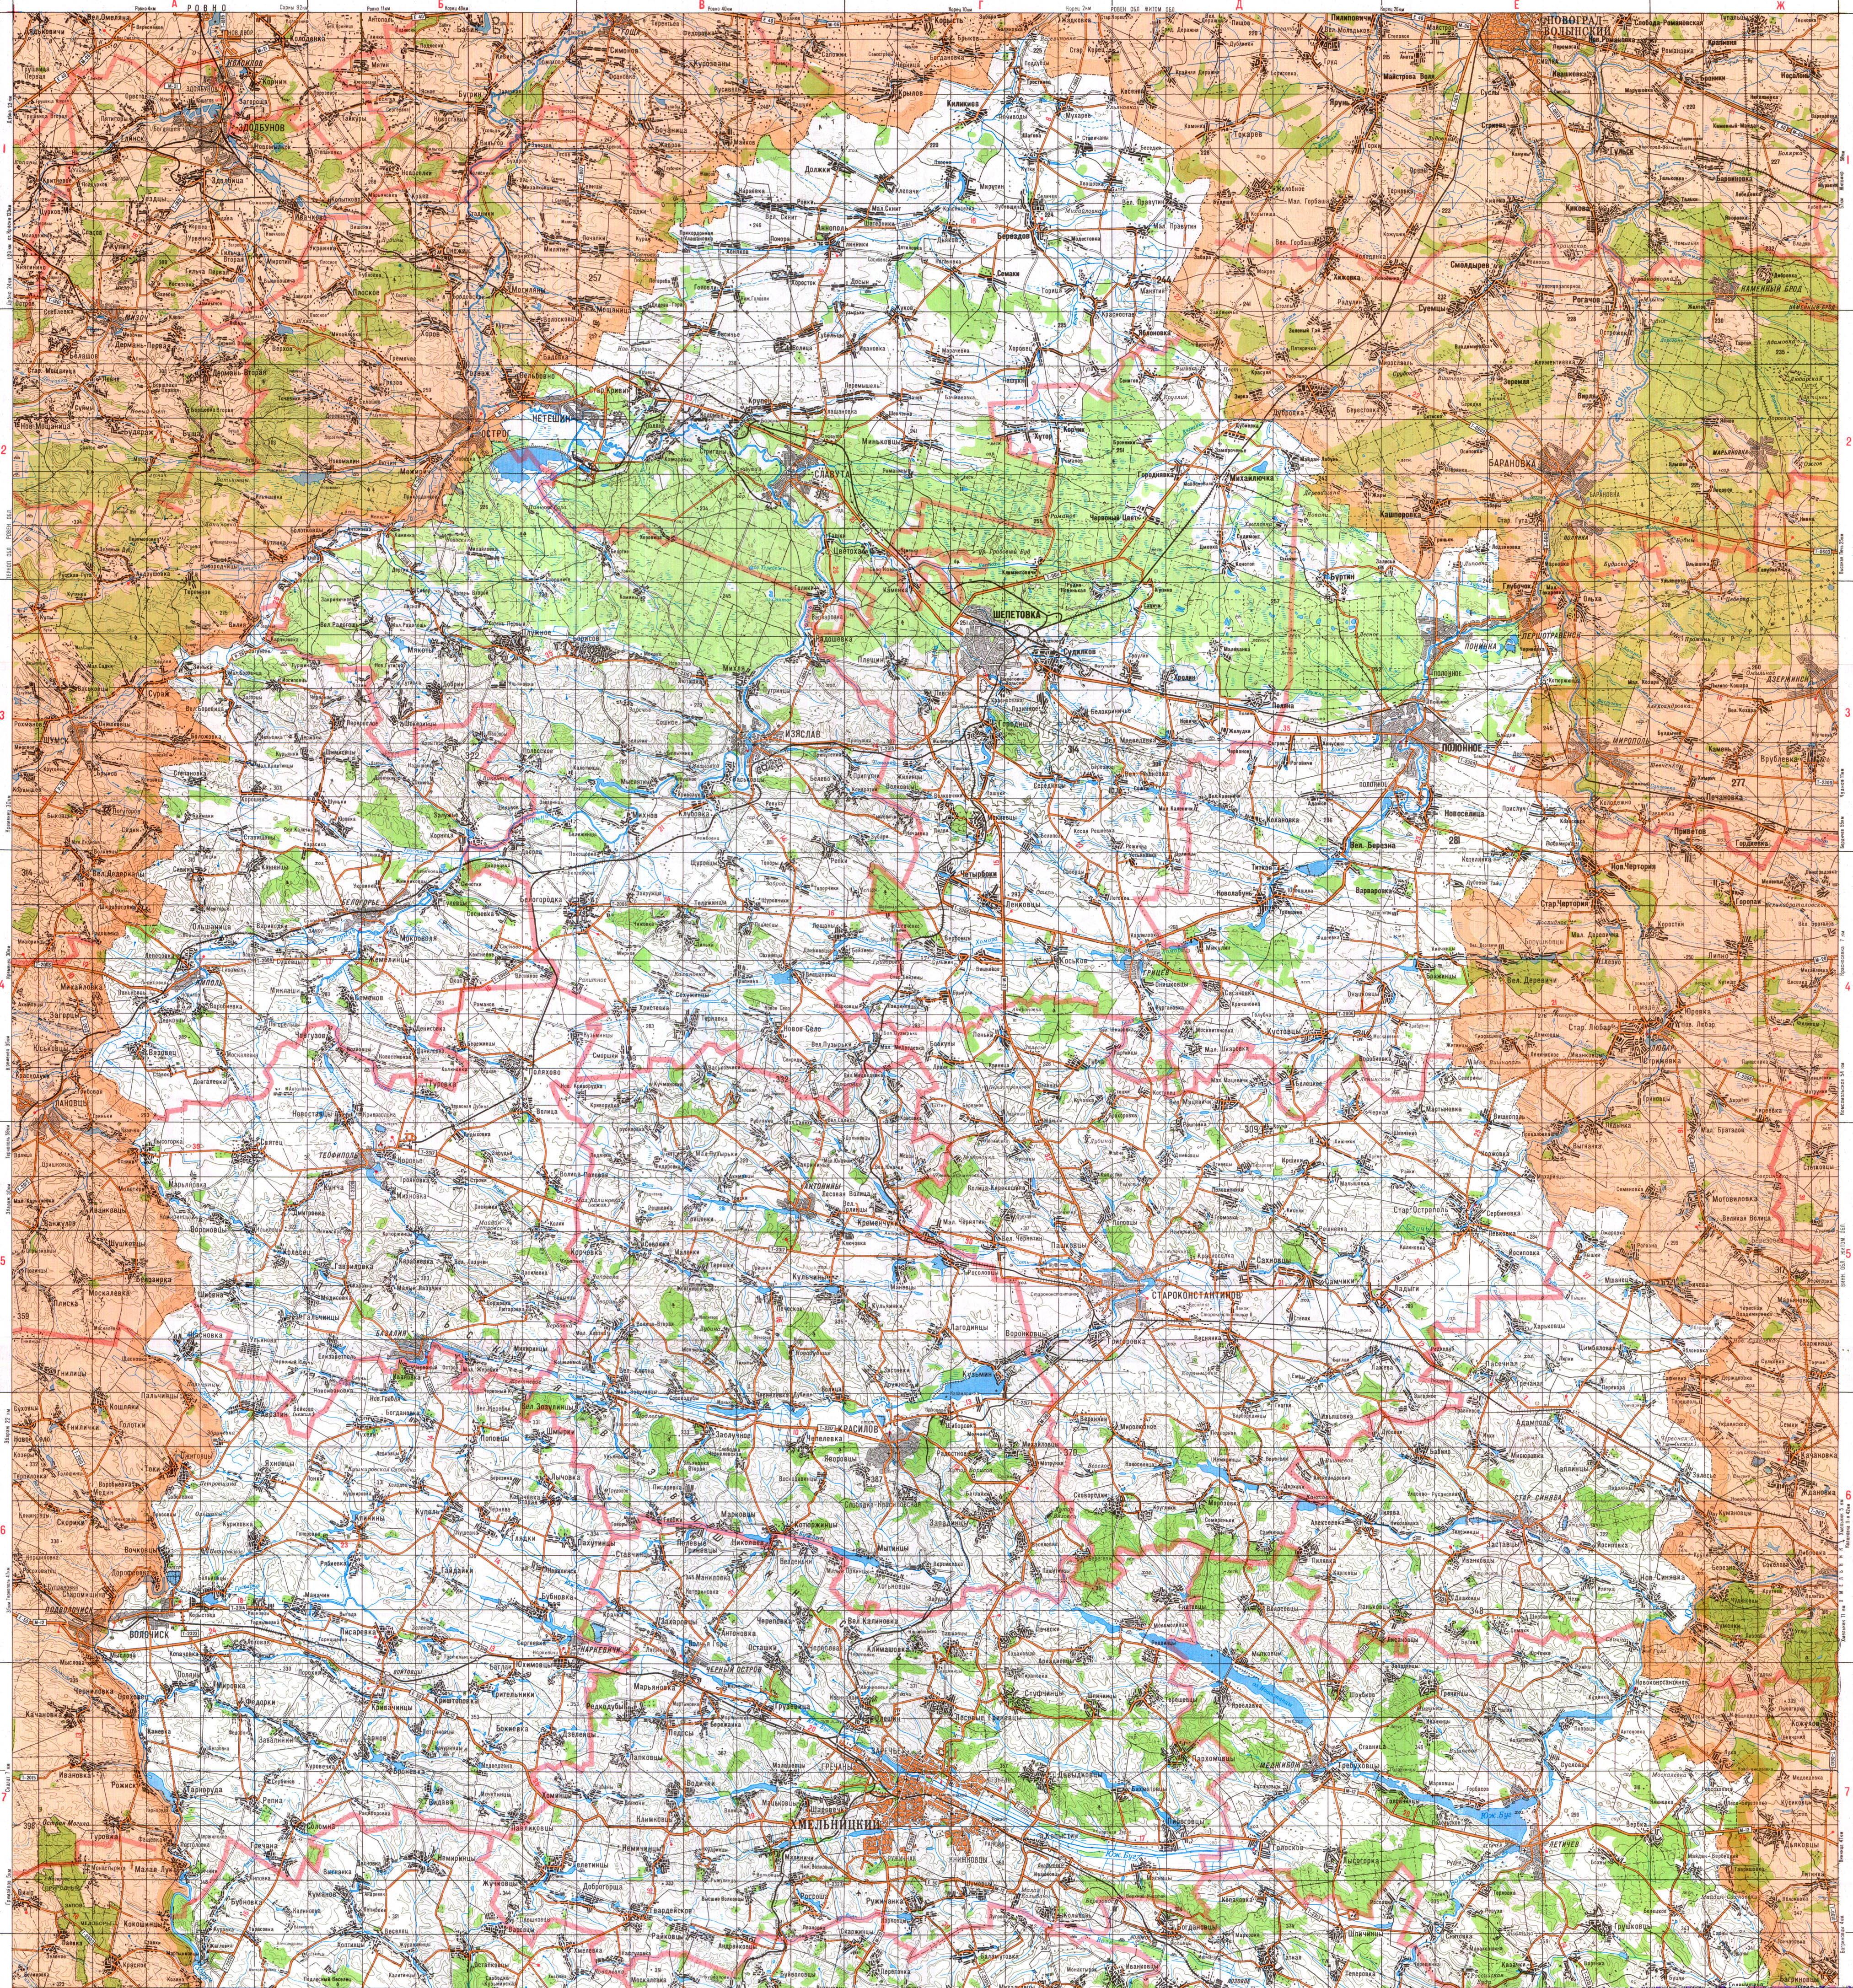 Бесплатно Скачать Топографическую Карту Генштаба